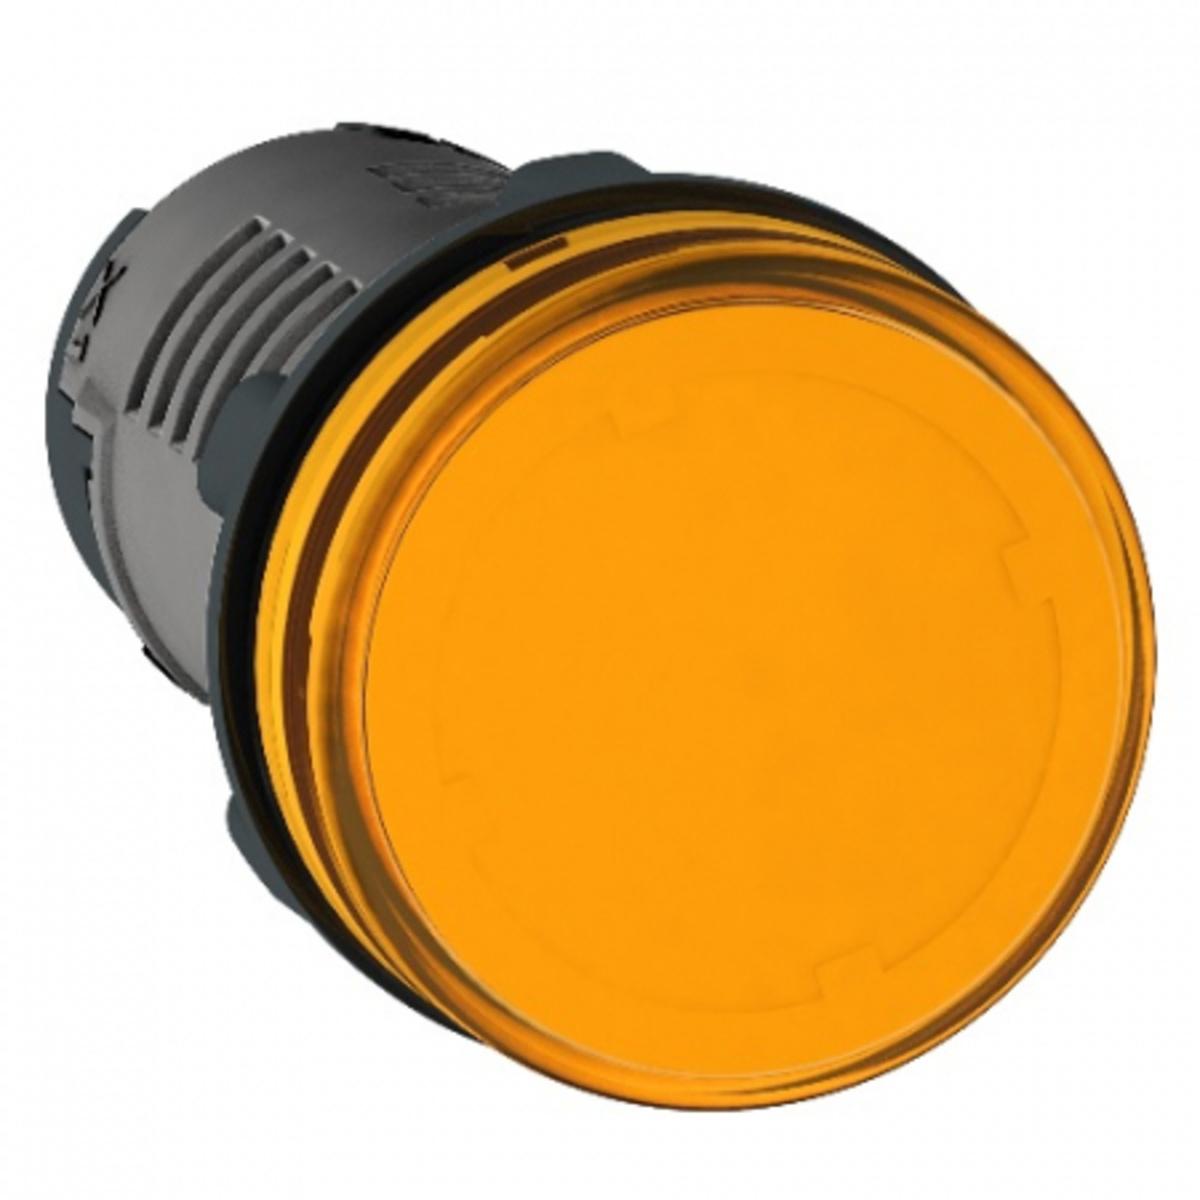 SINALIZADOR LED 22MM AM 24V XA2EVB5LC SCHNEIDER